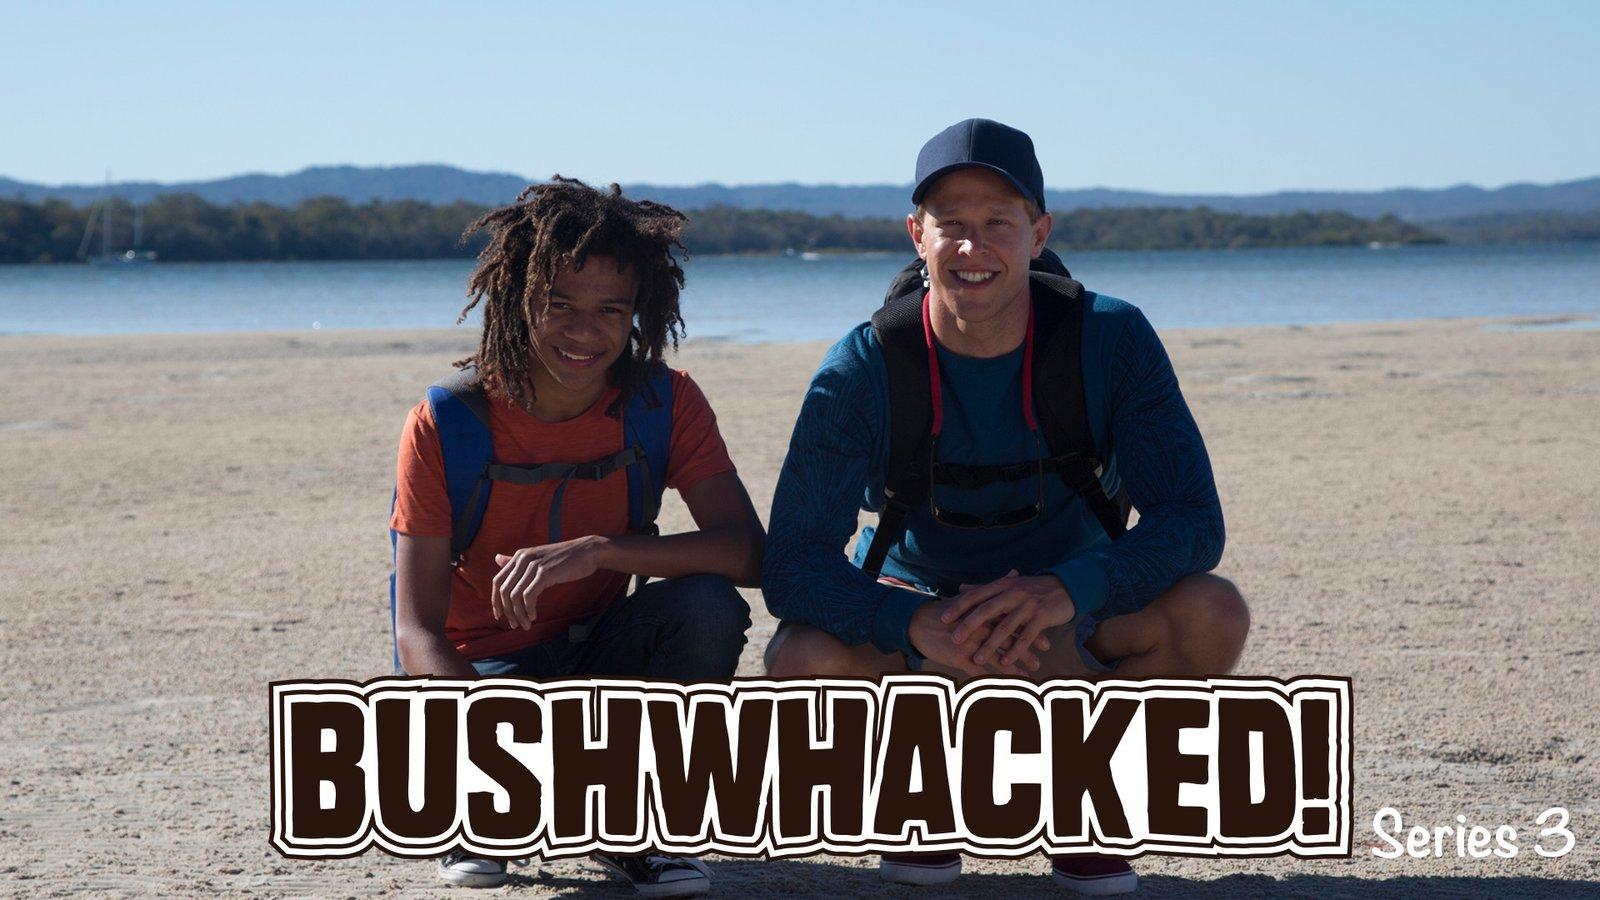 Bushwhacked! - Series 3